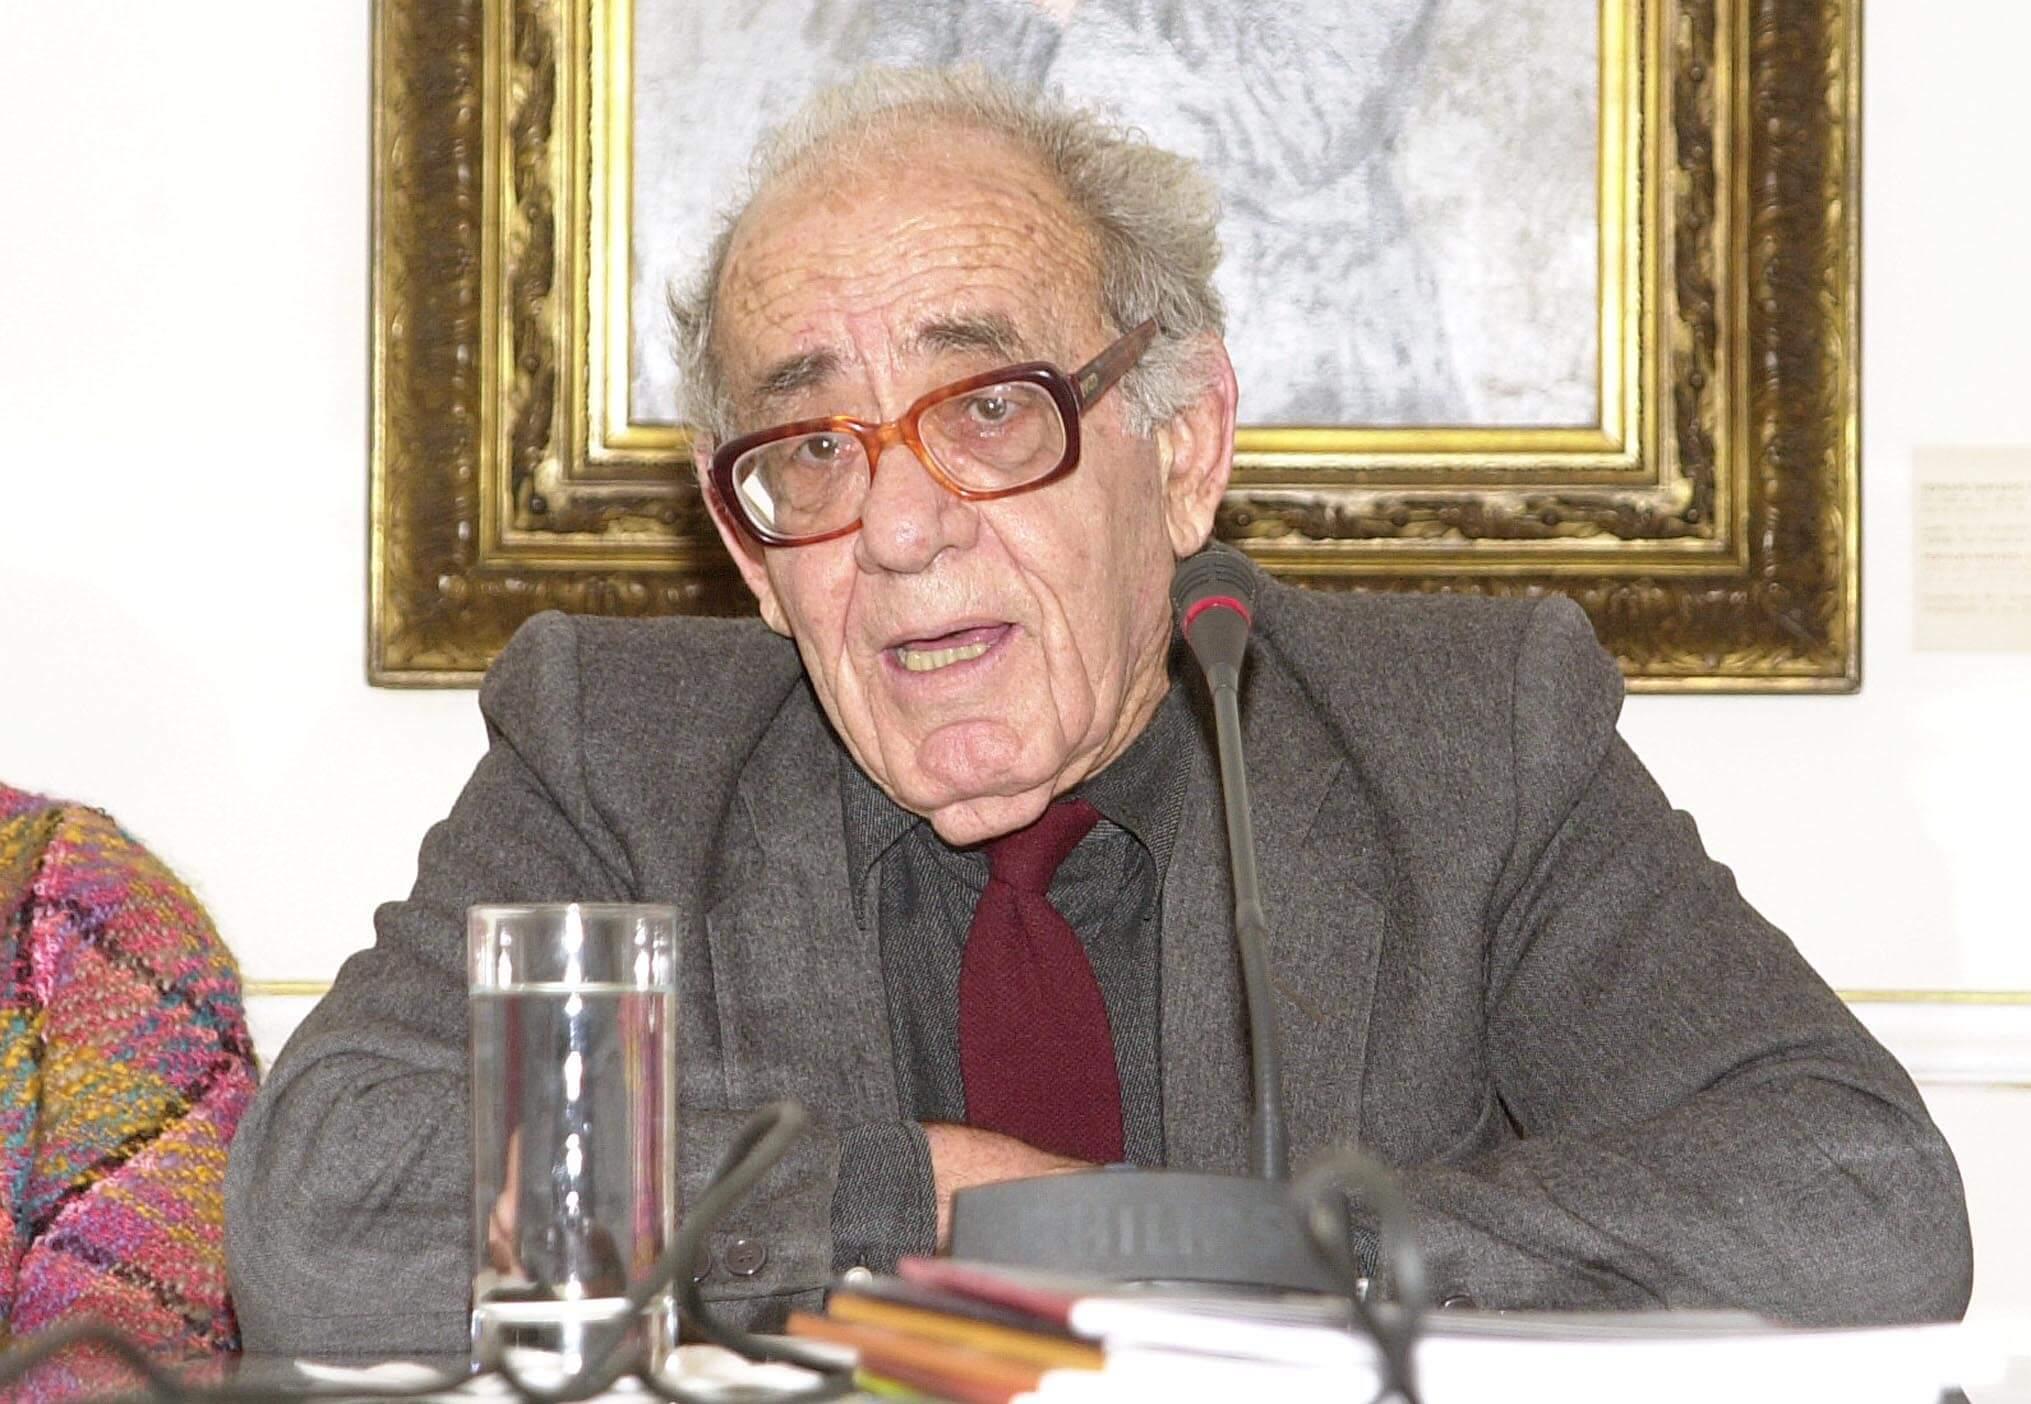 Μεσσηνία: Πέθανε ο Δημήτρης Κουλουριάνος – Ένας από τους πρώτους υπουργούς οικονομικών επί Ανδρέα Παπανδρέου!